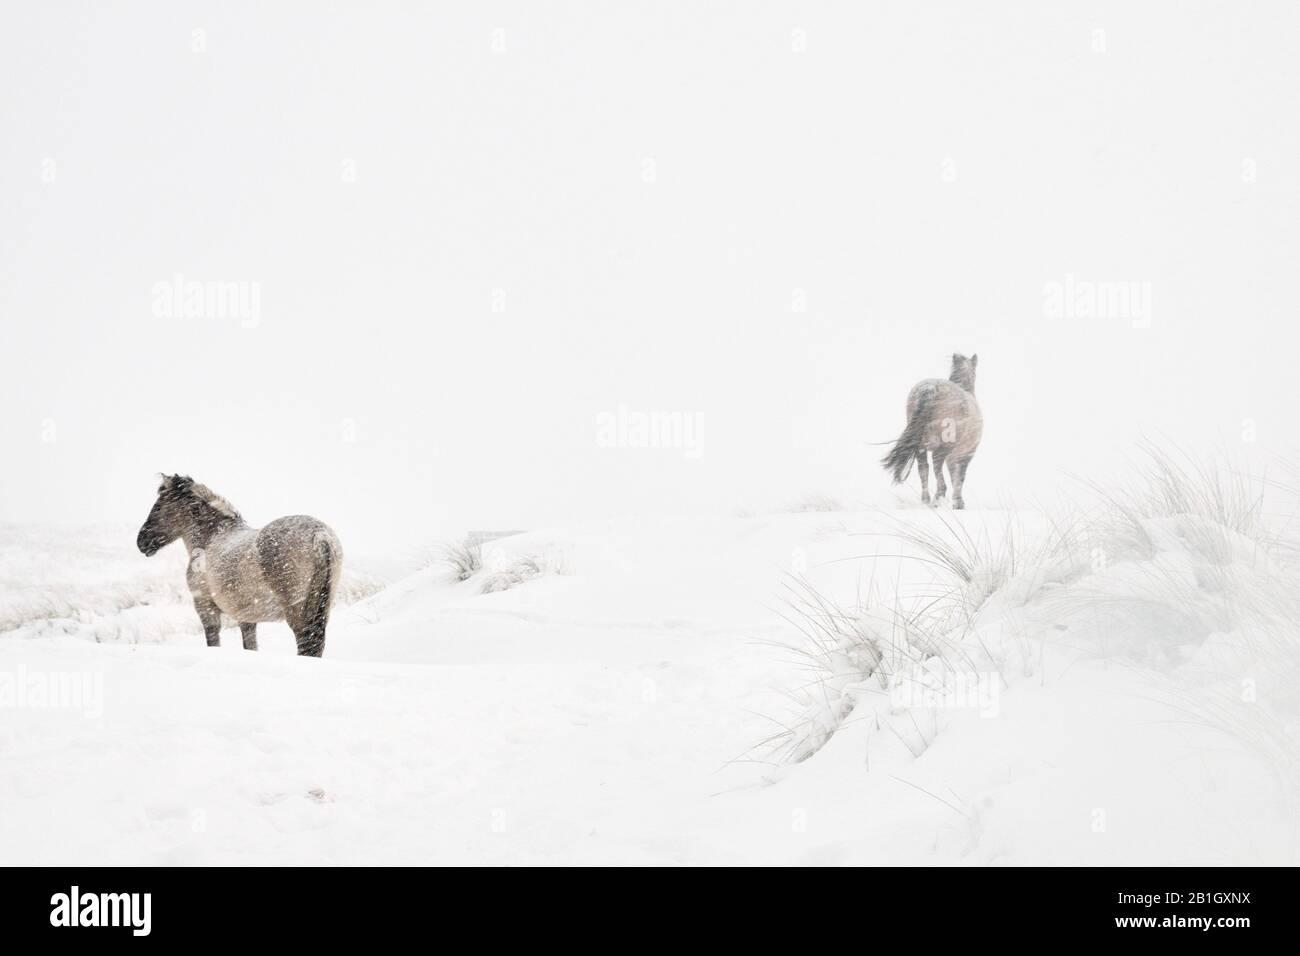 Konik horse (Equus przewalskii f. caballus), two horses in snow, Netherlands, Grafelijkheidsduinen Stock Photo